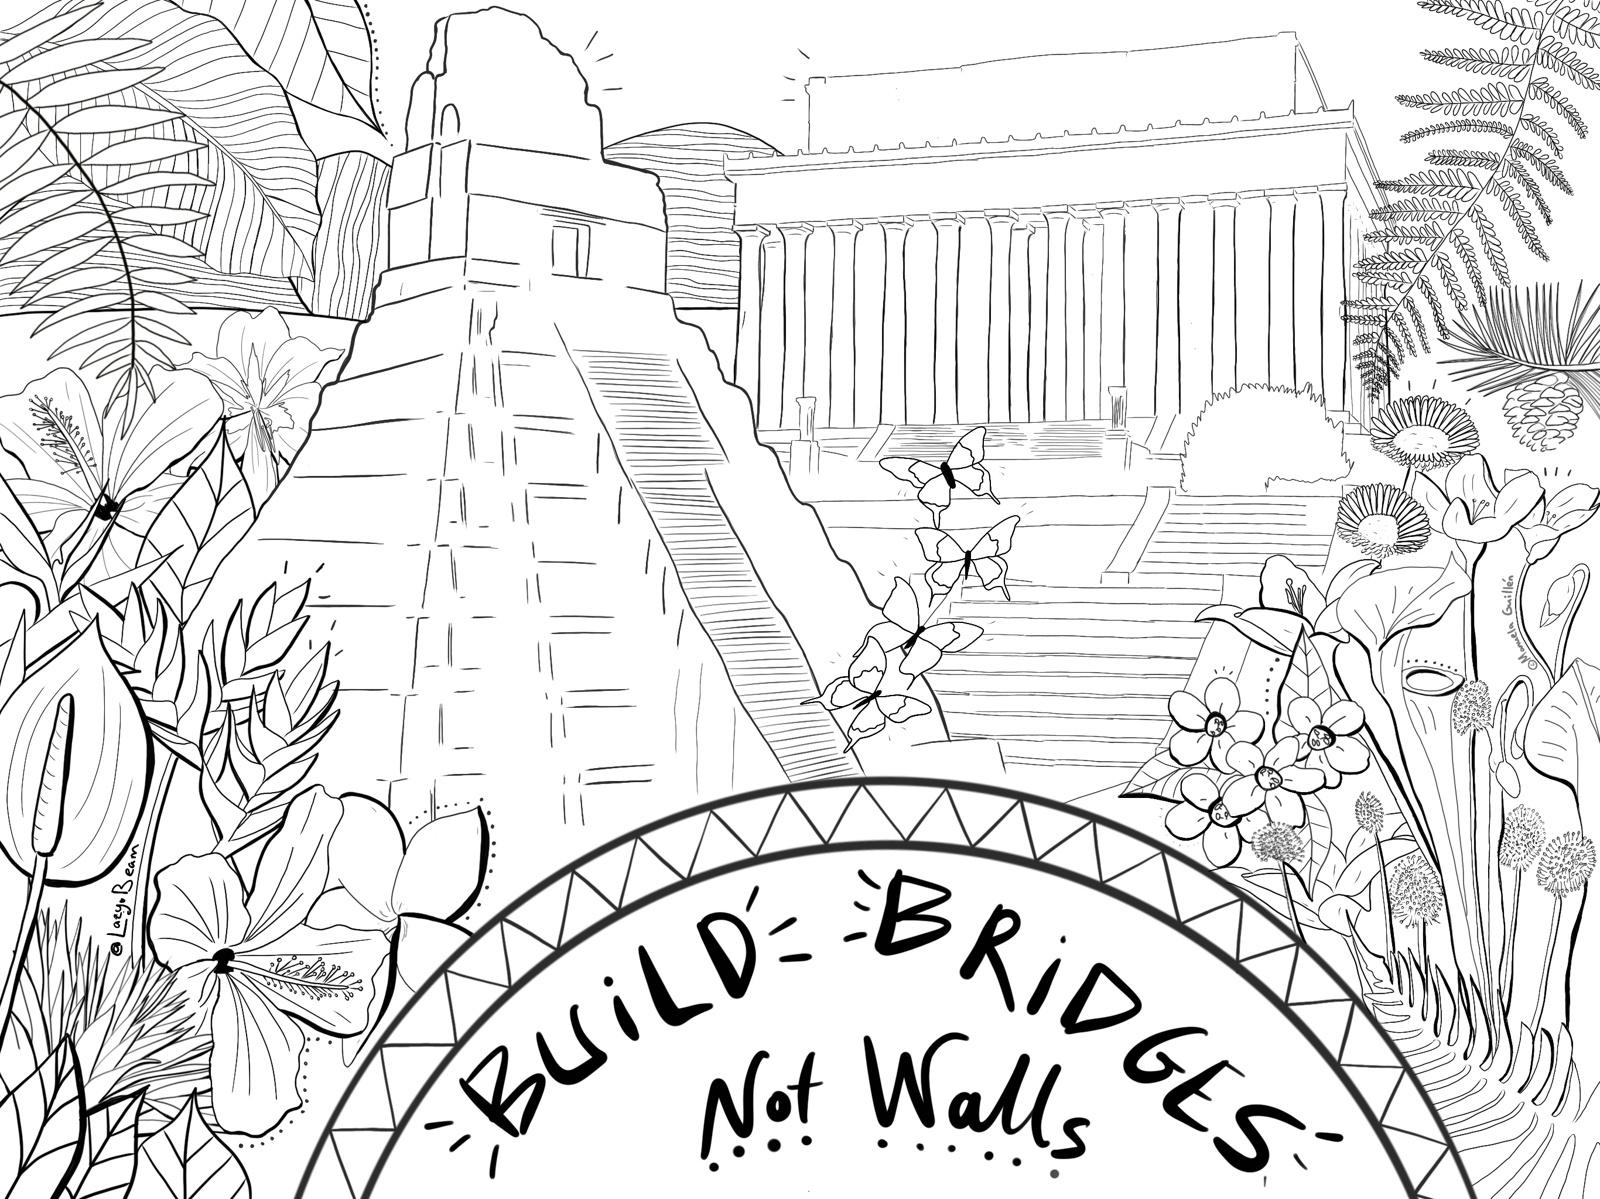 8bc30595744cfd4d-Build_Bridges_Not_Walls.jpg